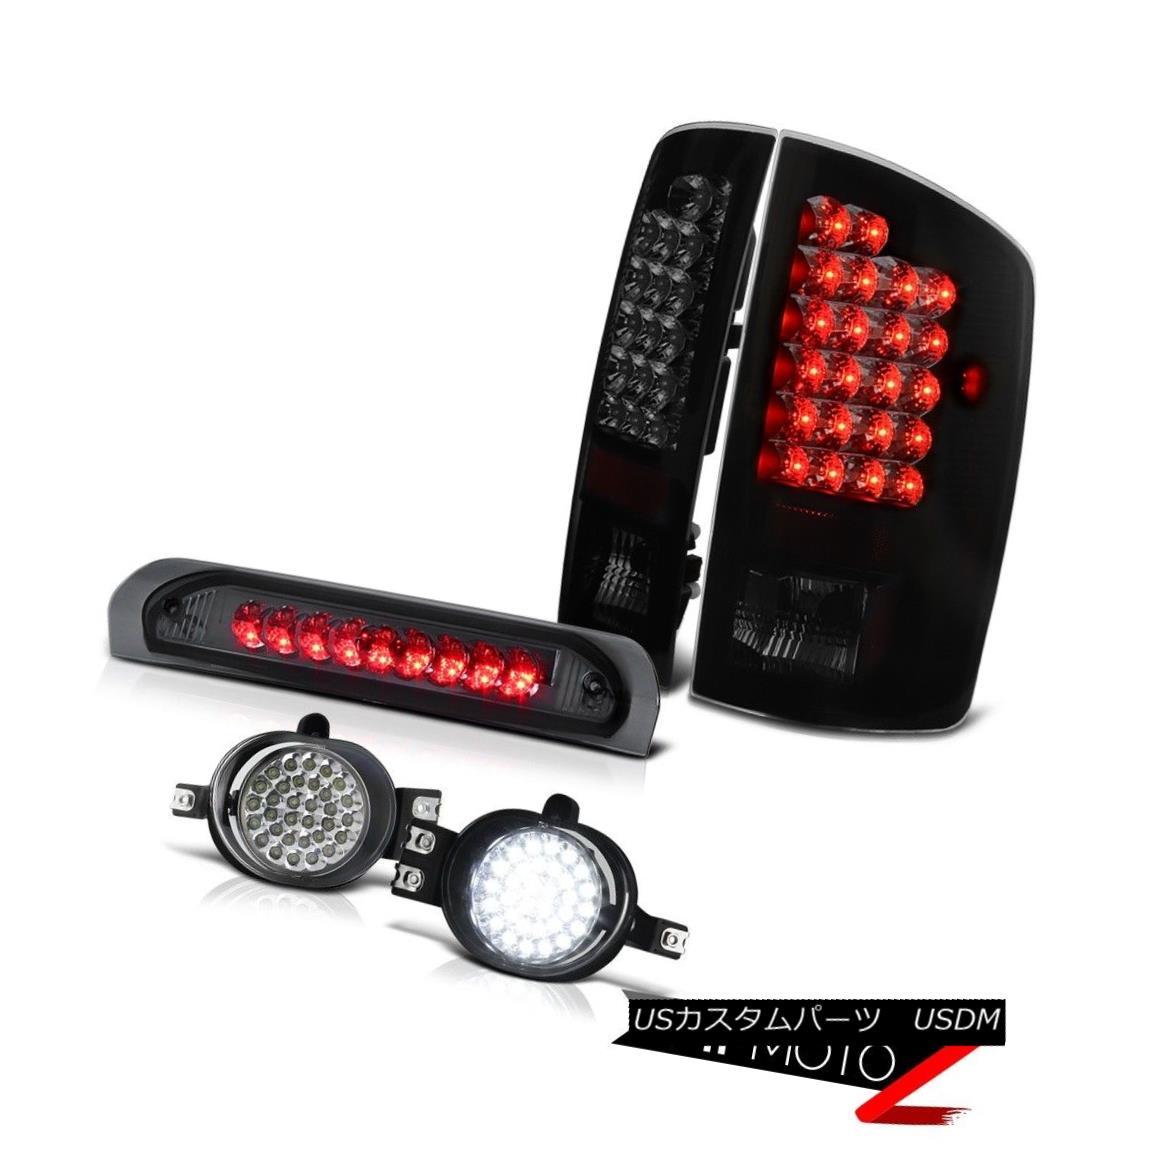 テールライト MOST POPULAR 02-06 Dodge Ram SMOKED LED Tail Light+3rd Brake+Projector Fog Lamps 最も人気のあるもの02-06 Dodge Ram SMOKED LEDテールライト+ 3rdブレーキ+プロジェクター rフォグランプ